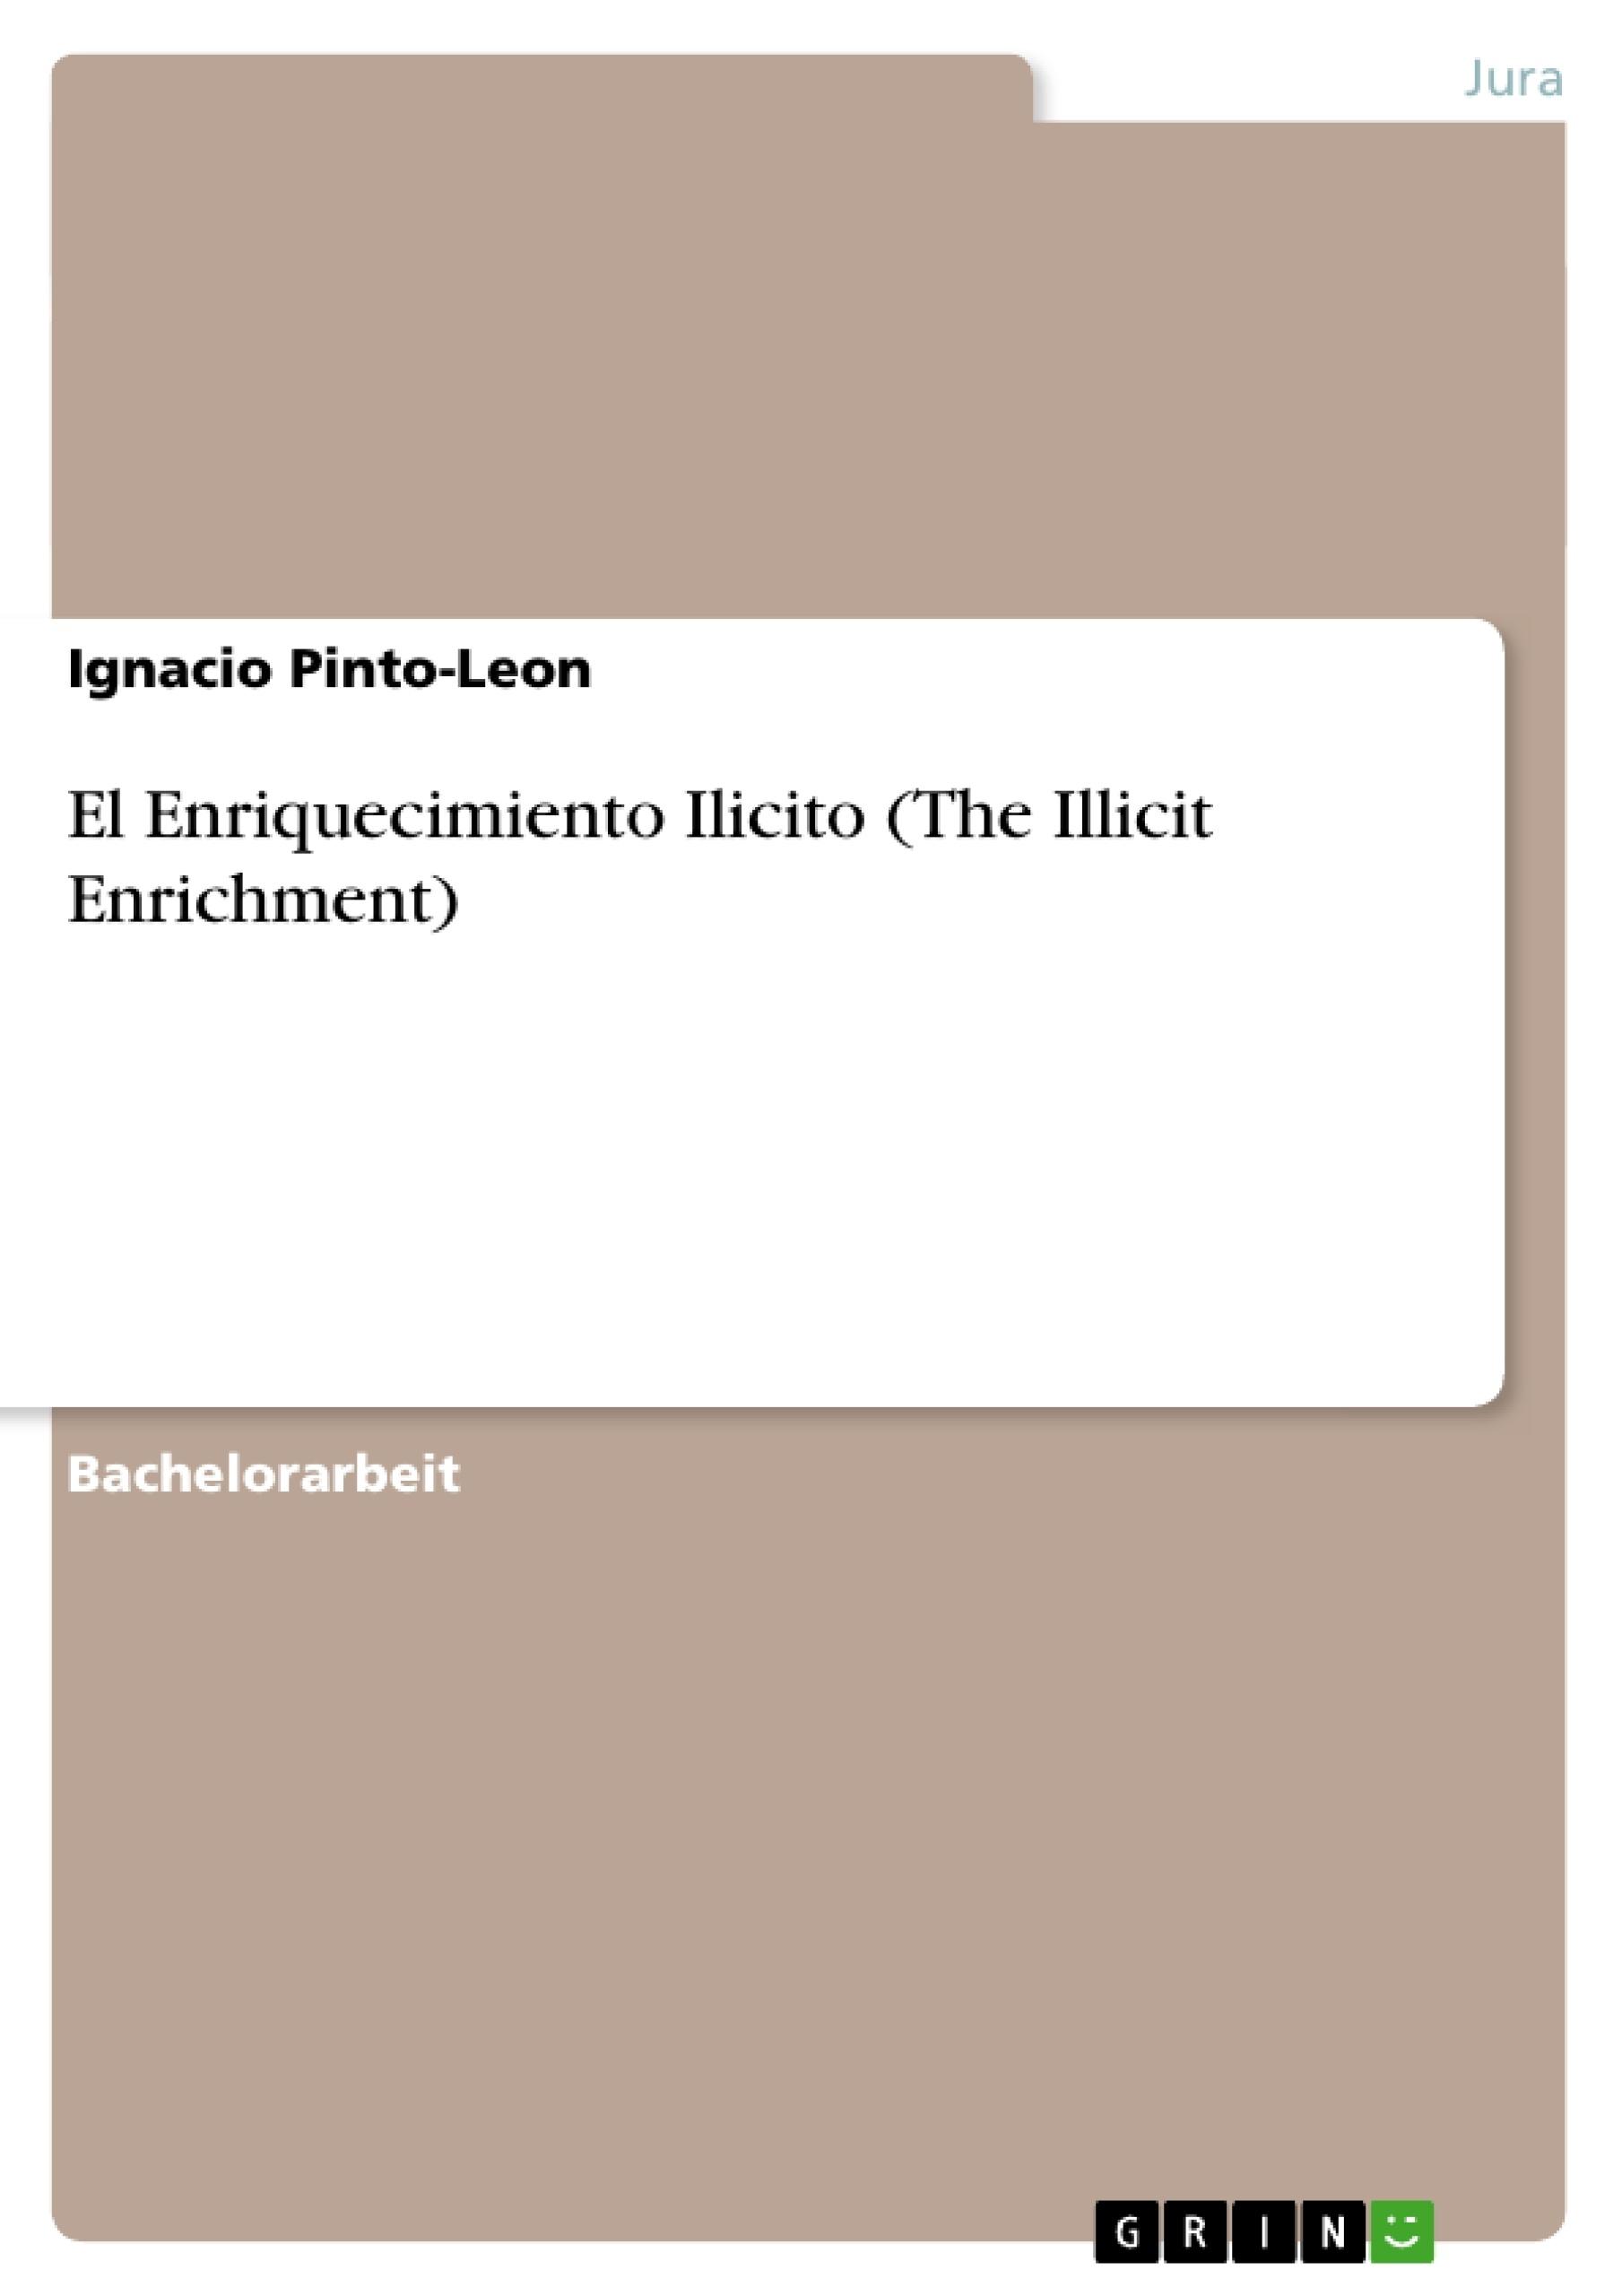 Titel: El Enriquecimiento Ilicito (The Illicit Enrichment)